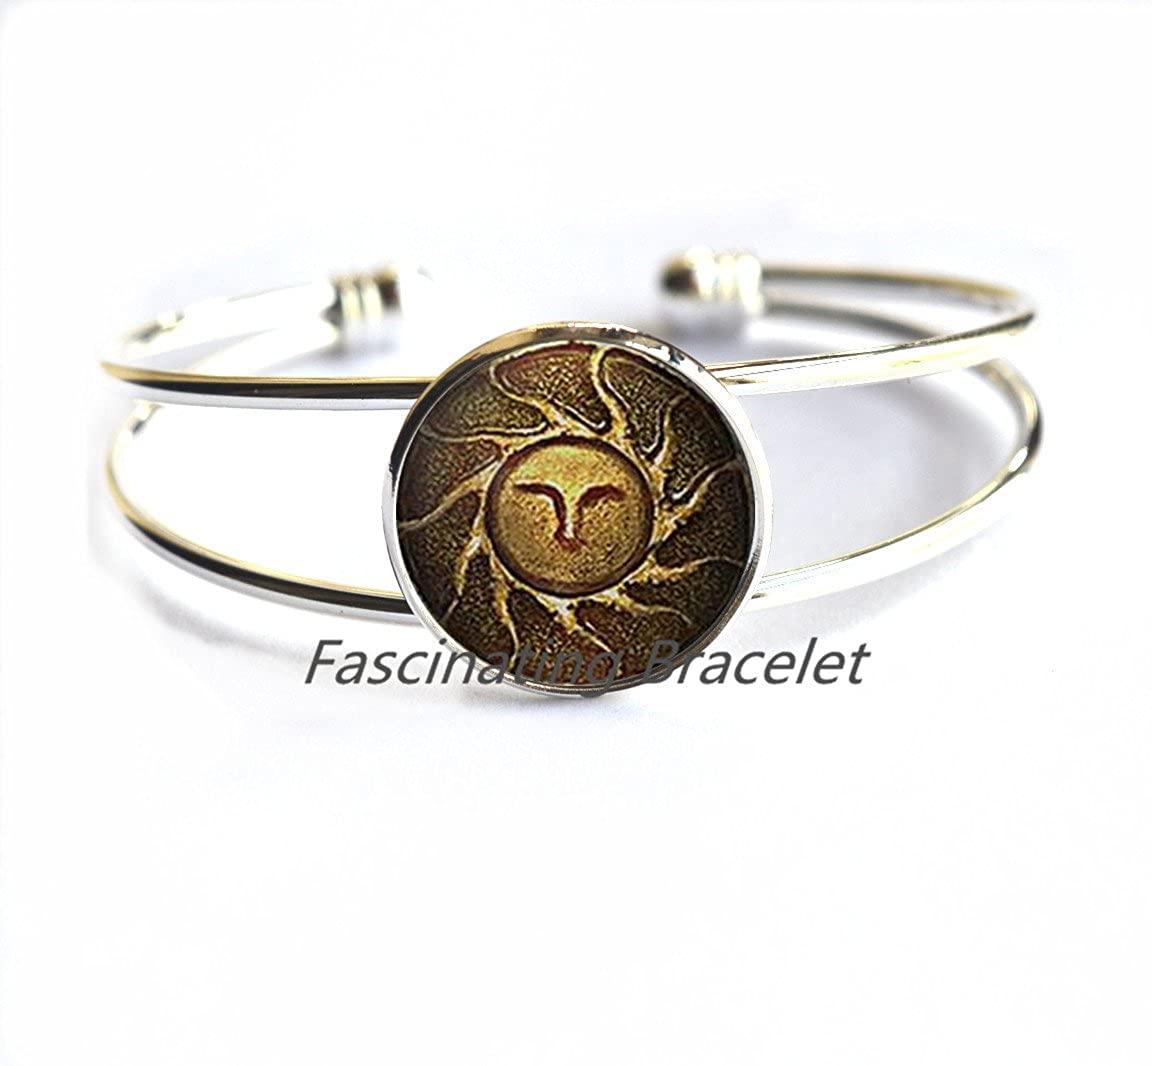 Sun Bracelet Sun Jewelry Radiant Sun Charm Bracelet Celestial Jewelry Sun Bracelets Bracelet Sun Charm Bracelet Initial Bracelet Boho,AQ144